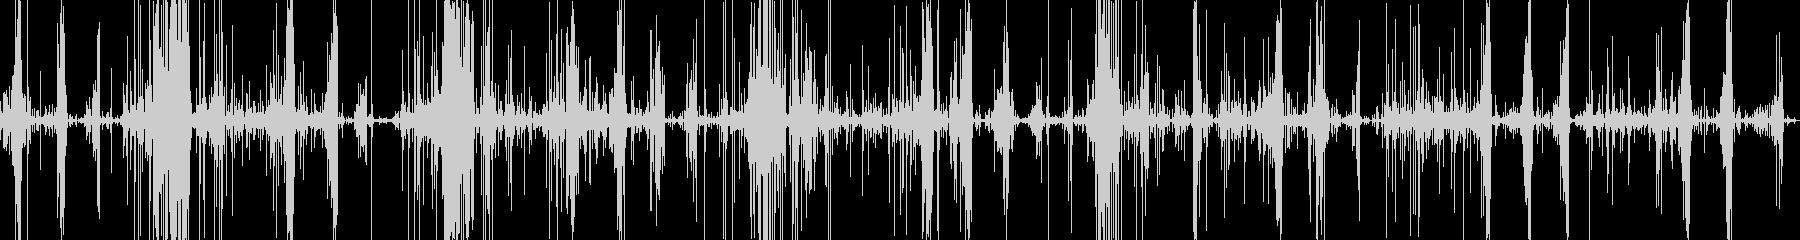 スライムをハサミで切る音です。の未再生の波形